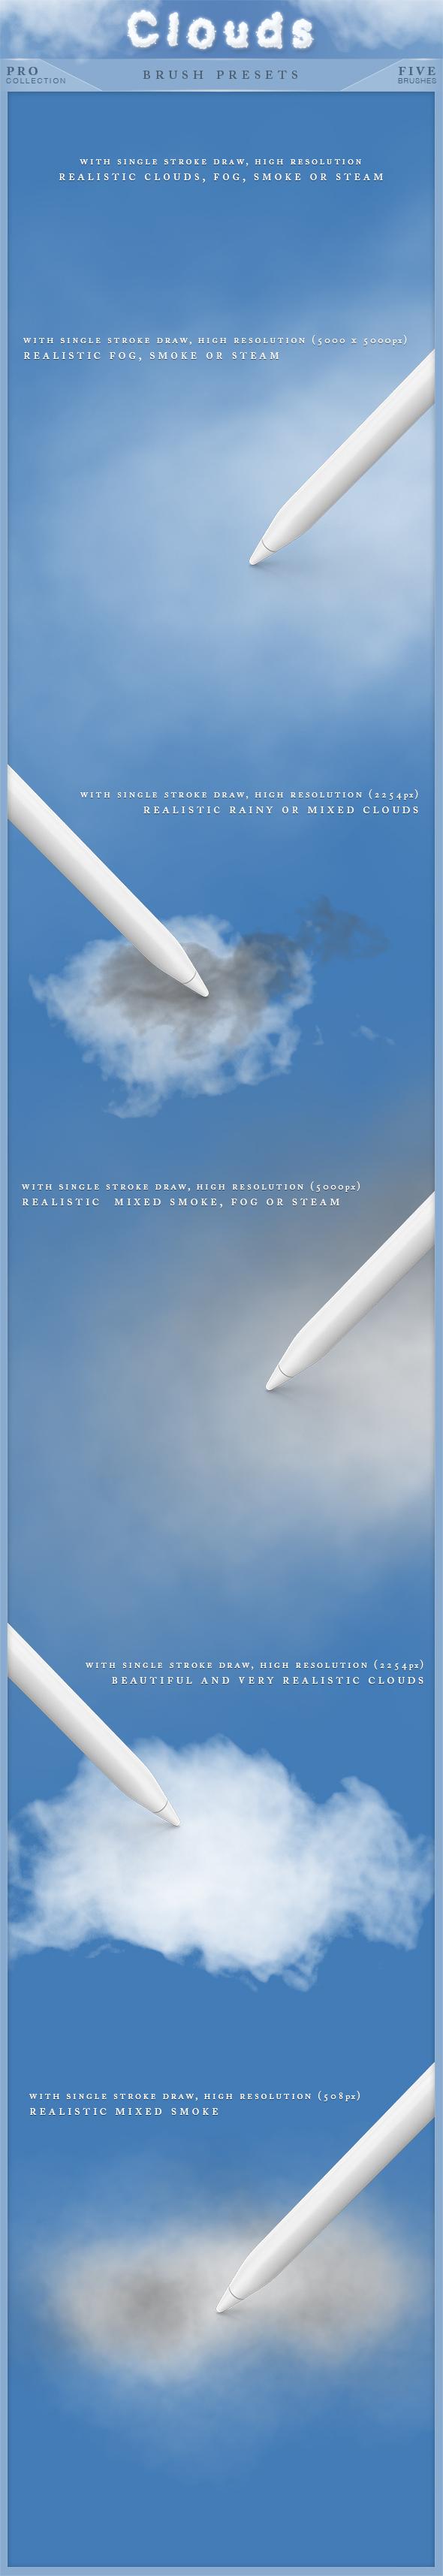 Clouds Brushes Pro - Brushes Photoshop